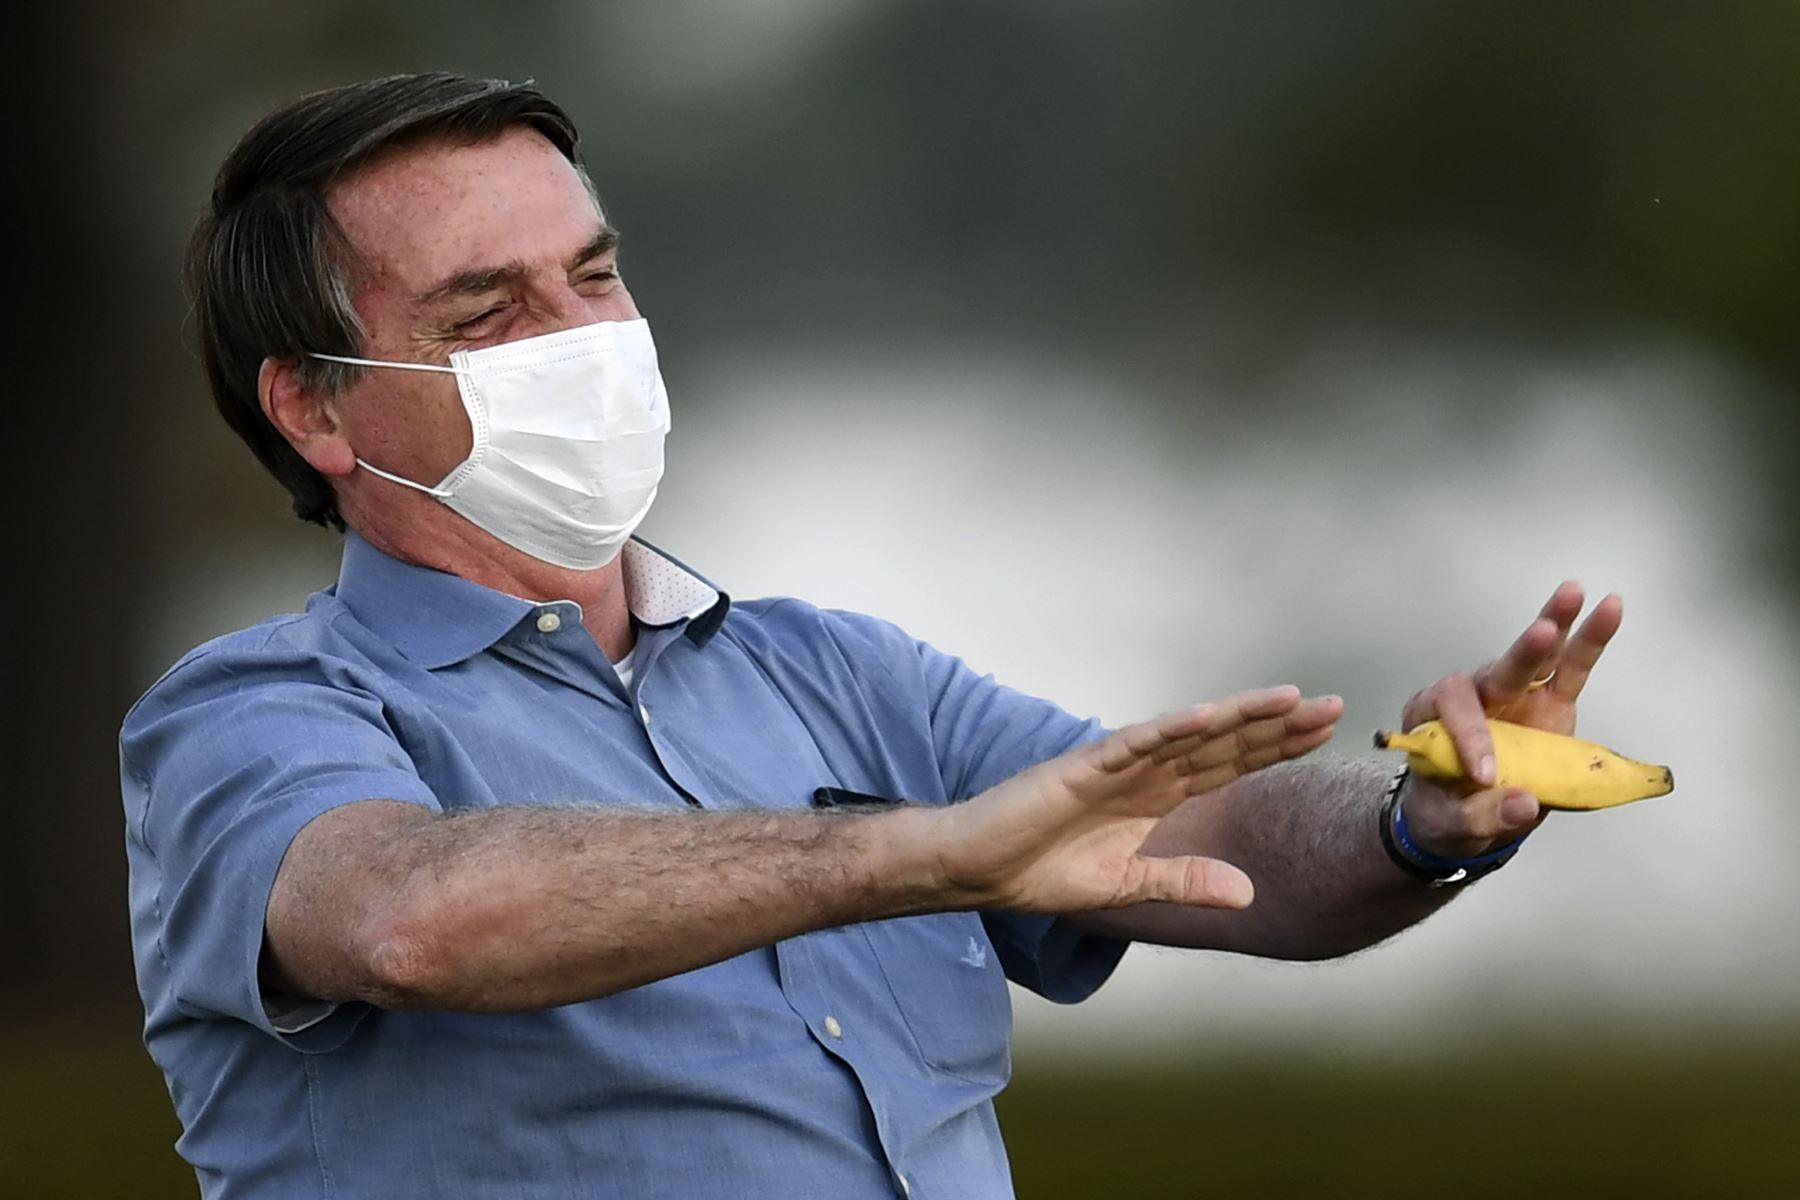 """El jefe de Estado no aportó más detalles sobre el origen y el alcance de la infección, pero fue categórico al afirmar que está """"curado"""" de la covid-19. Foto: AFP"""